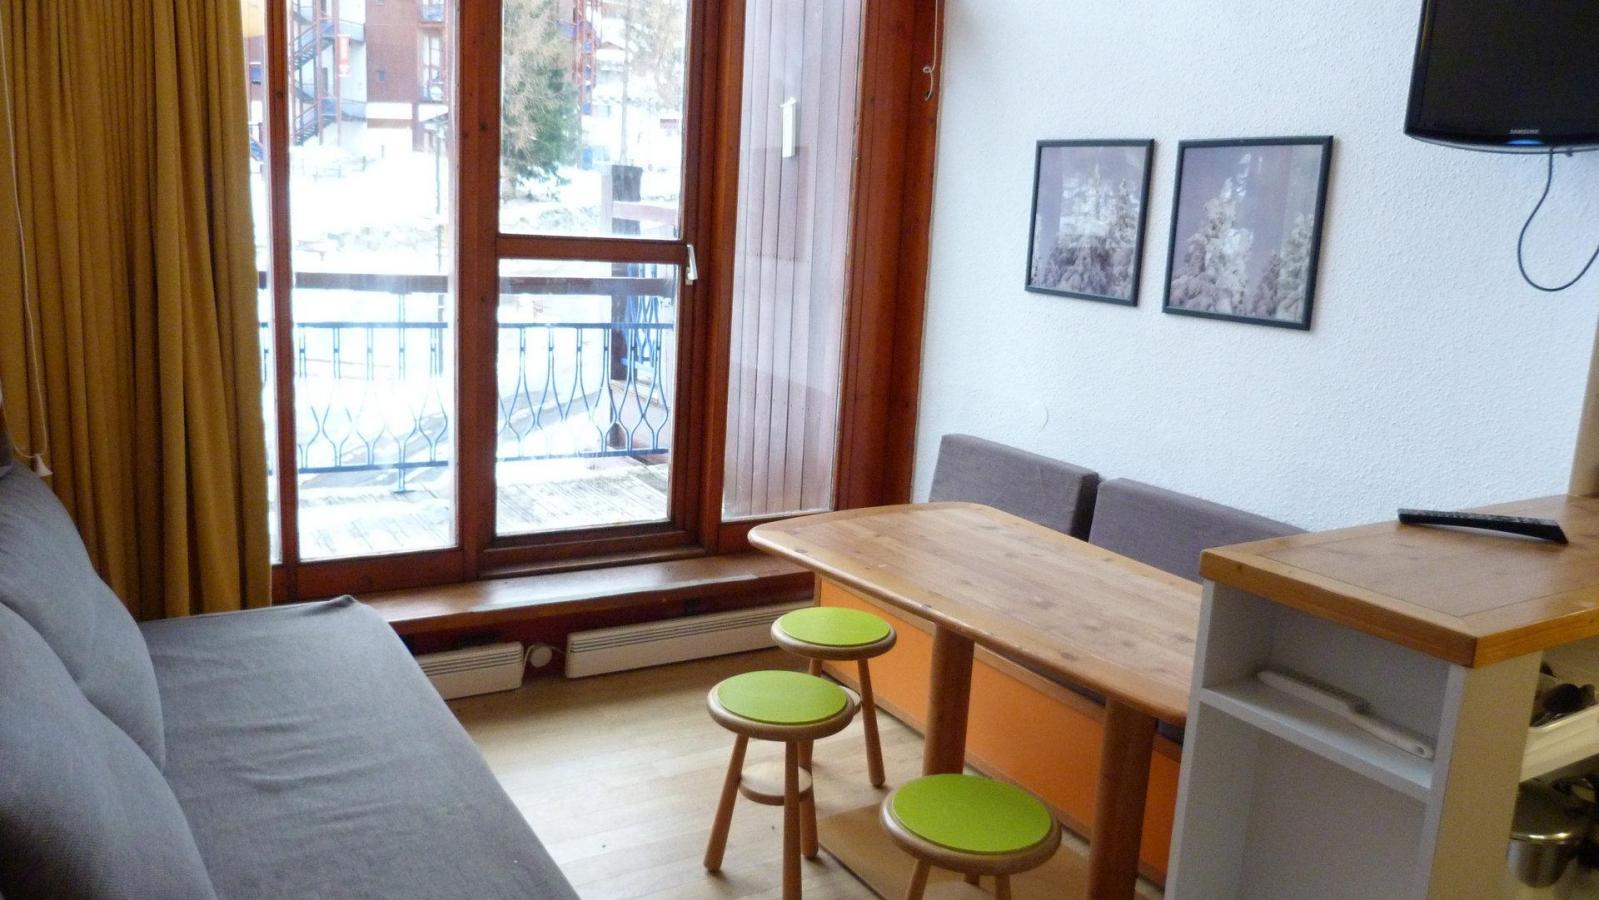 Location au ski Studio coin montagne 5 personnes (412) - Residence L'alliet - Les Arcs